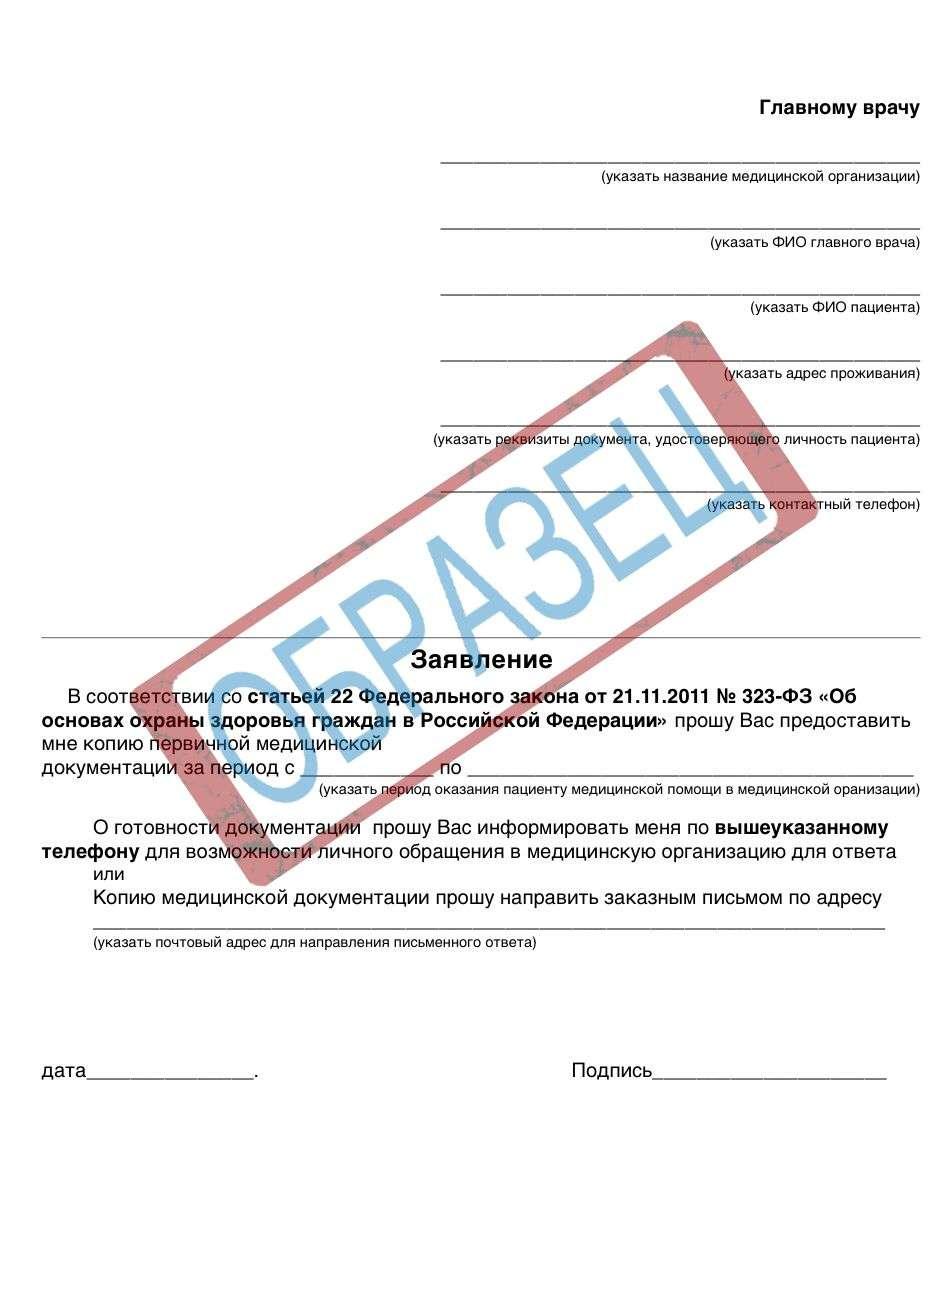 Заявление для получения медицинской документации